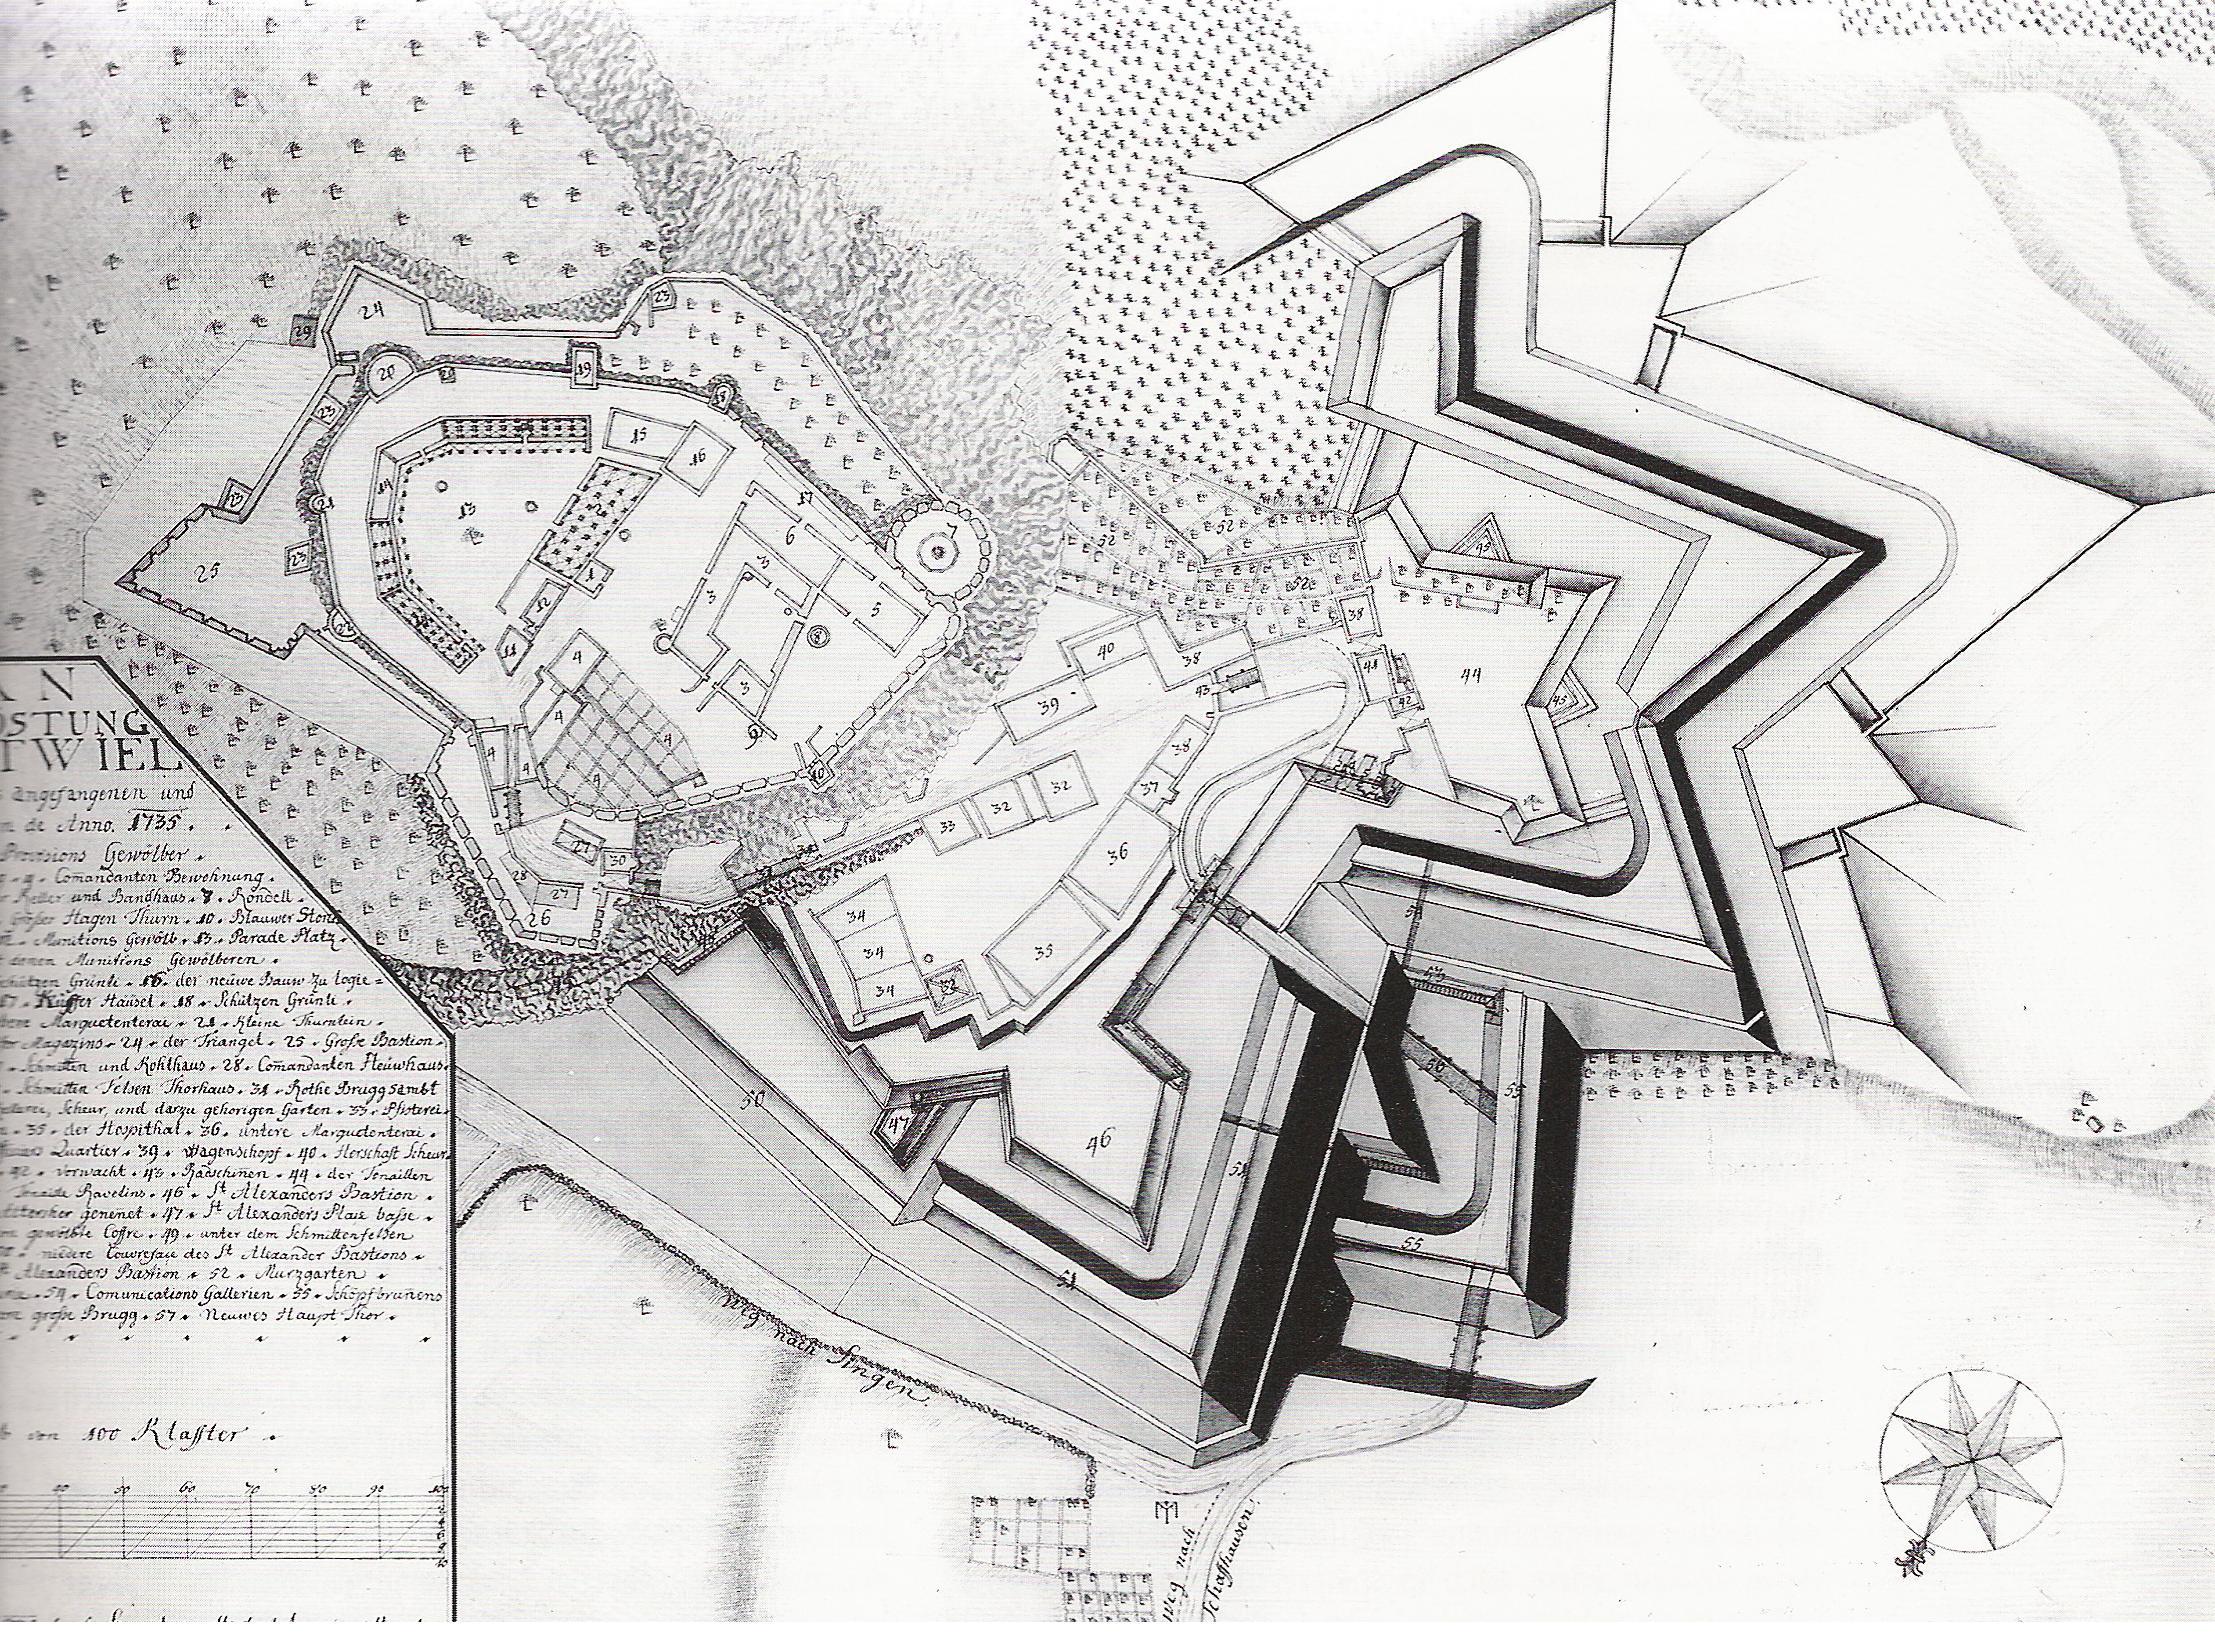 File:Hohentwiel-Plan 1735.jpg - Wikimedia Commons